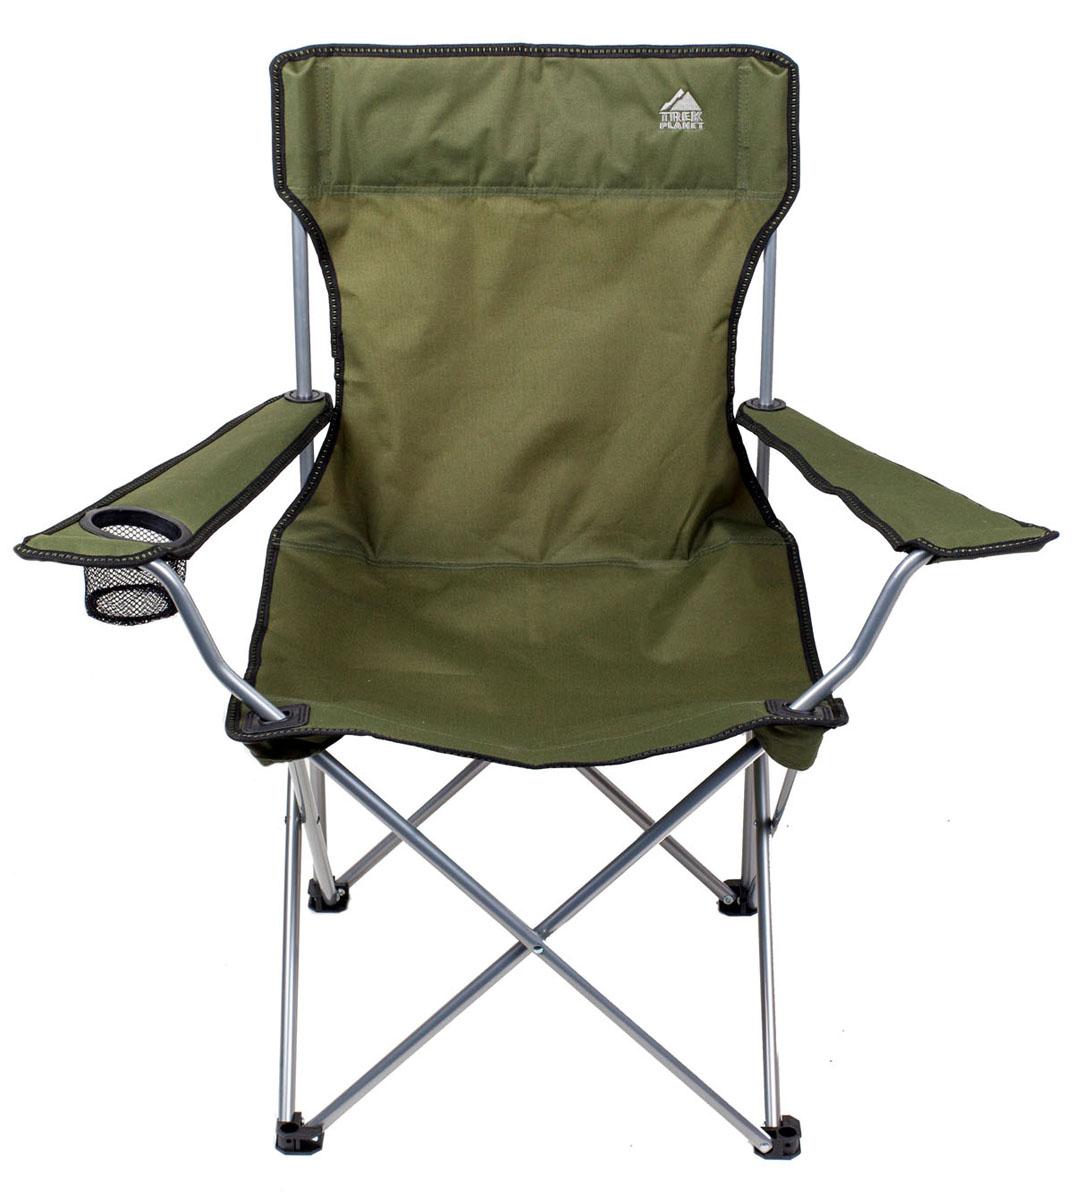 Комфортное складное кресло PICNIC с широким  сиденьем и высокой спинкой прекрасный выбор для  отдыха на природе, охоты и рыбалки. Прочный материал сиденья 600D полиэстер с  защитой от ультрафиолетового излучения, не  впитывает влагу и быстро сохнет. Комфорта добавляют широкие подлокотники и  держатель для бутылок. Ножки имеют защиту из прочного пластика,  предотвращая проваливание кресла в землю и  песок. В сложенном состоянии не занимает много места и  комплектуется чехлом с лямкой для переноски.   - Удобное сиденье. - Высокая спинка. - Очень легкое. - Широкие подлокотники. - Держатель для бутылок. - Прочный материал. - Защита от УФО. - Чехол с лямкой для переноски и хранения.